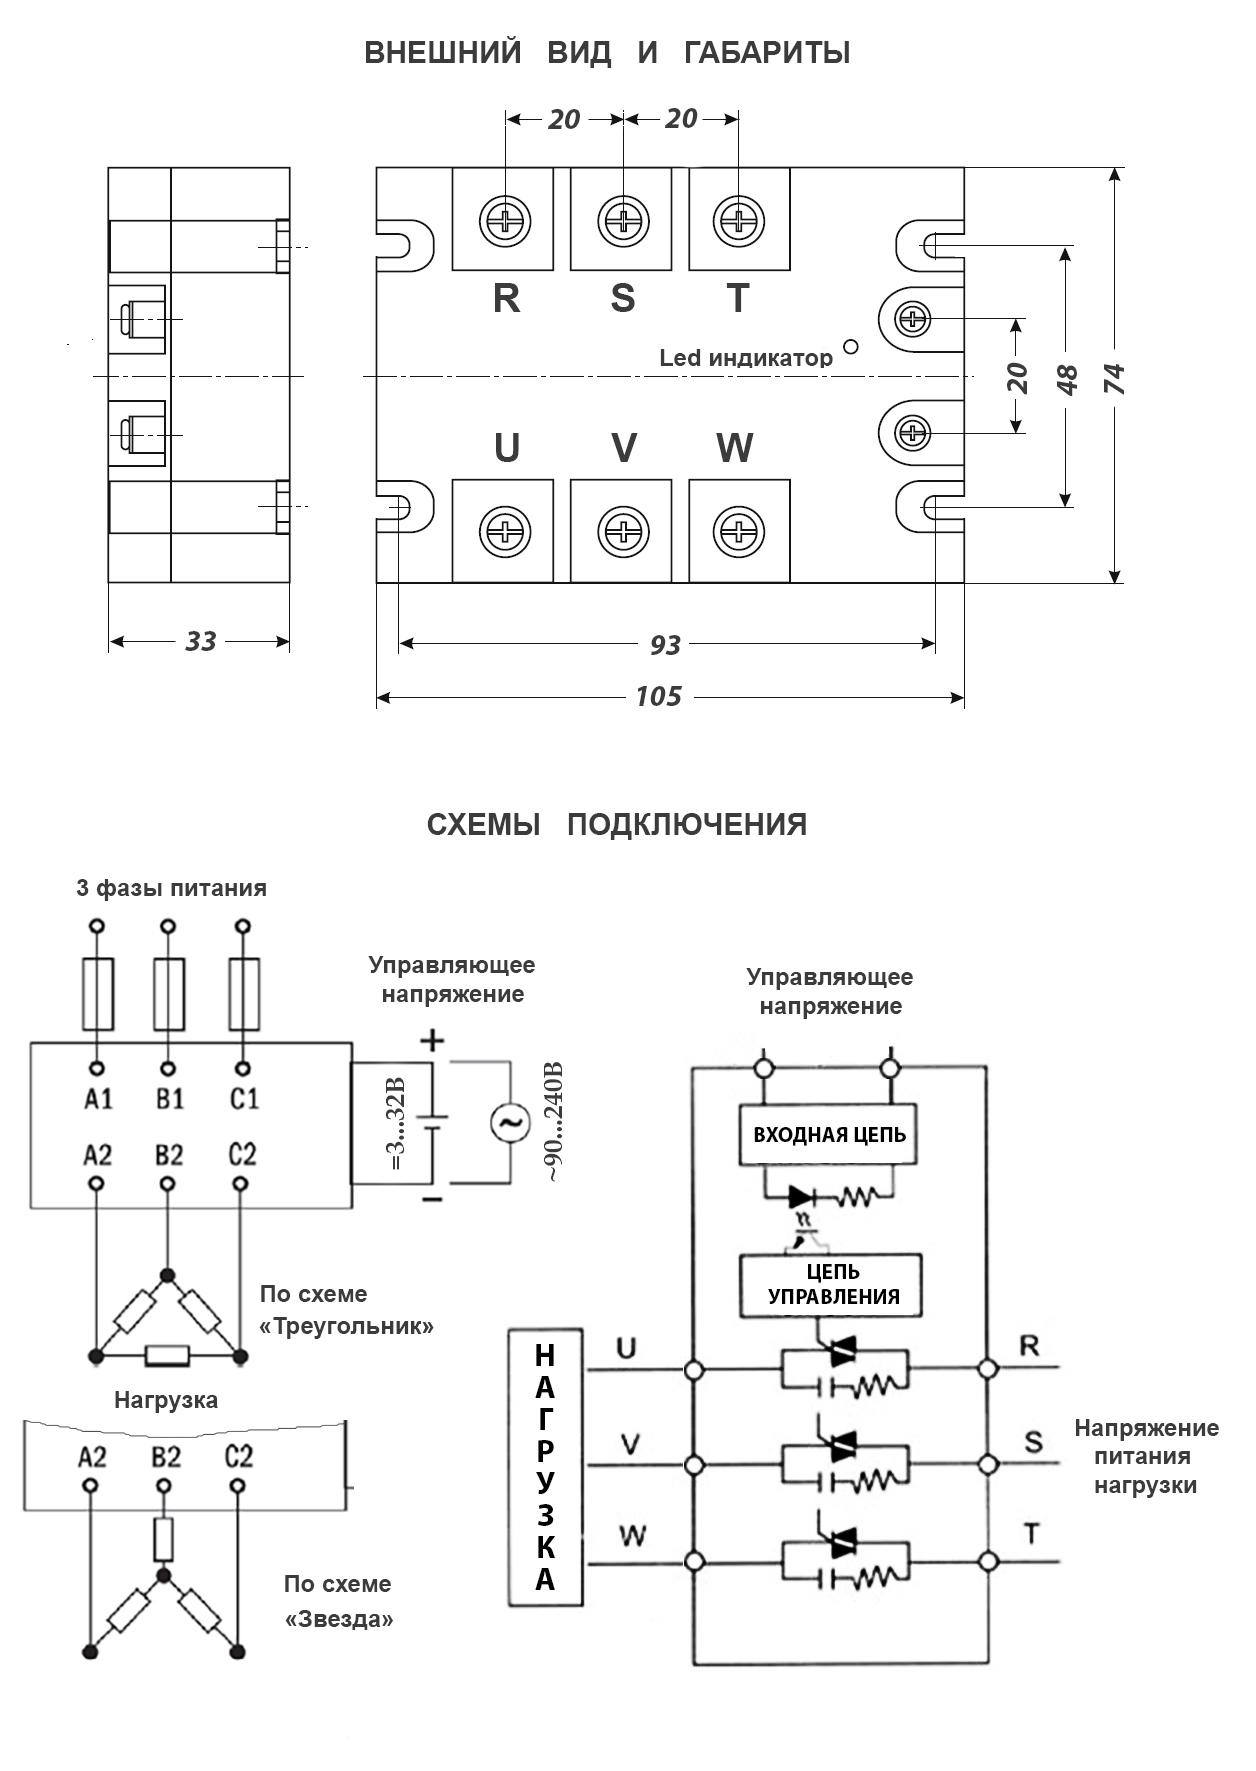 Твердотельное реле схема принципиальная - tokzamer.ru